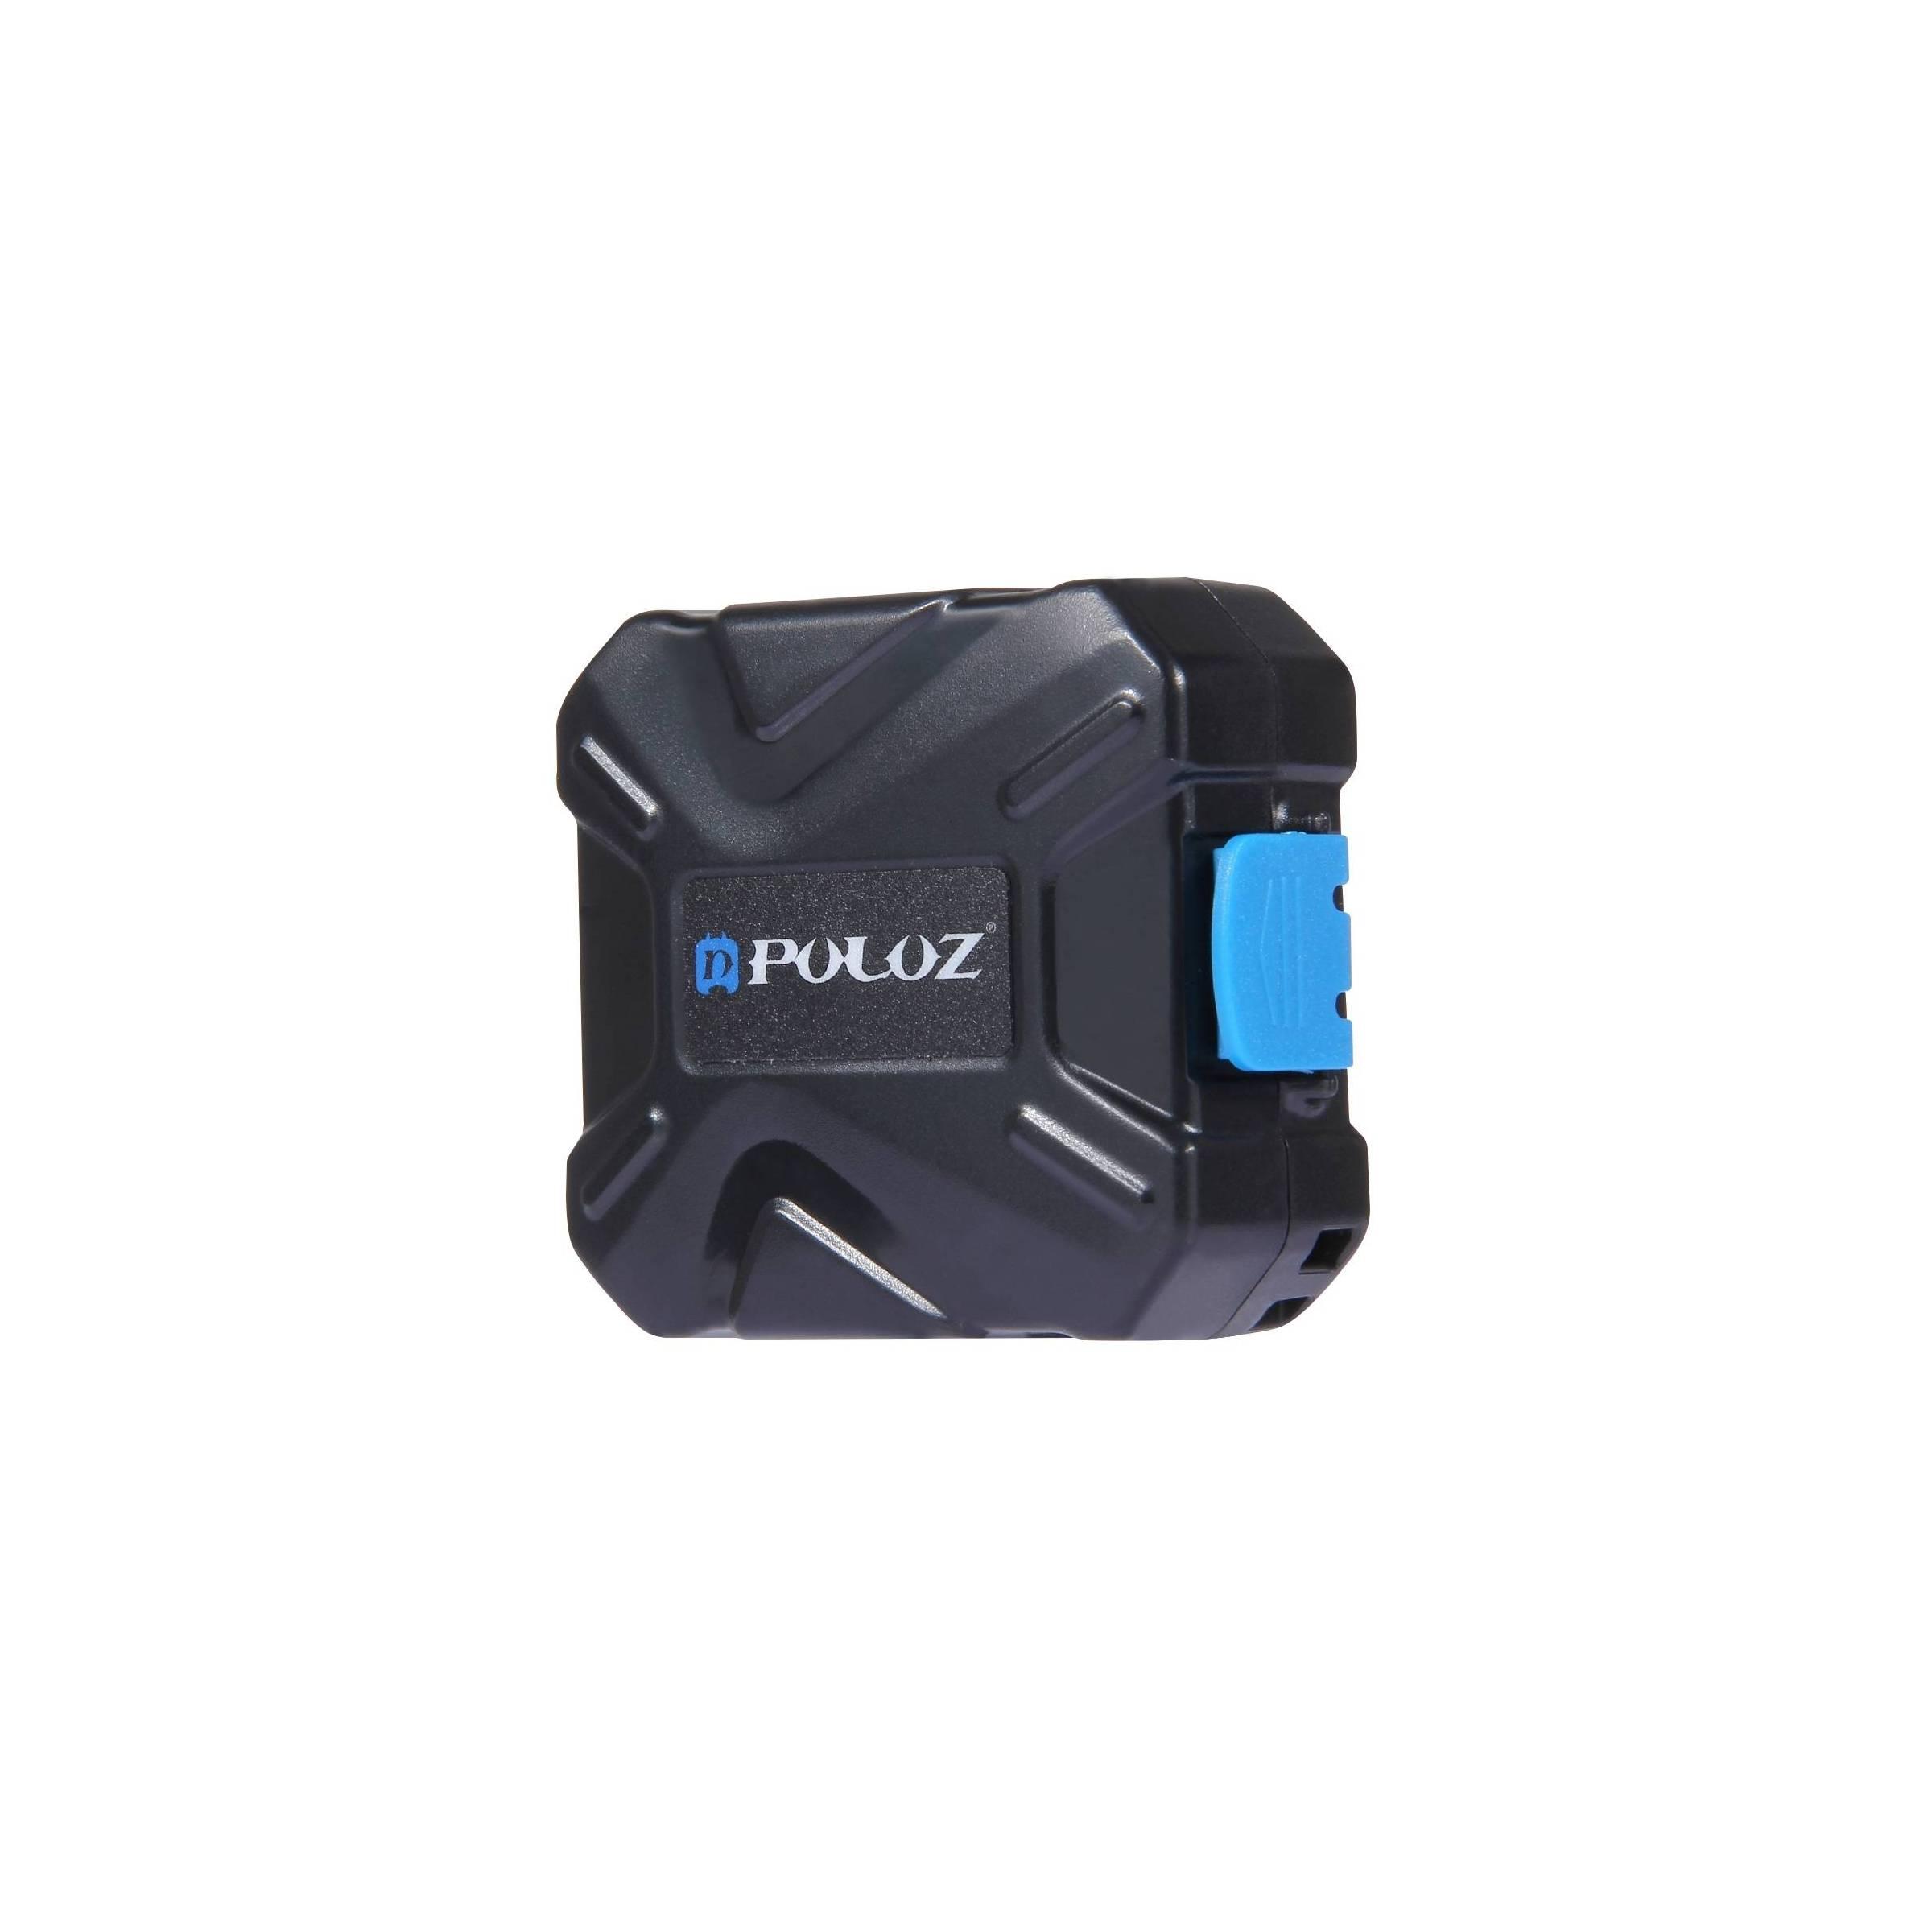 puluz – Puluz beskyttelsesboks til memory cards fra mackabler.dk